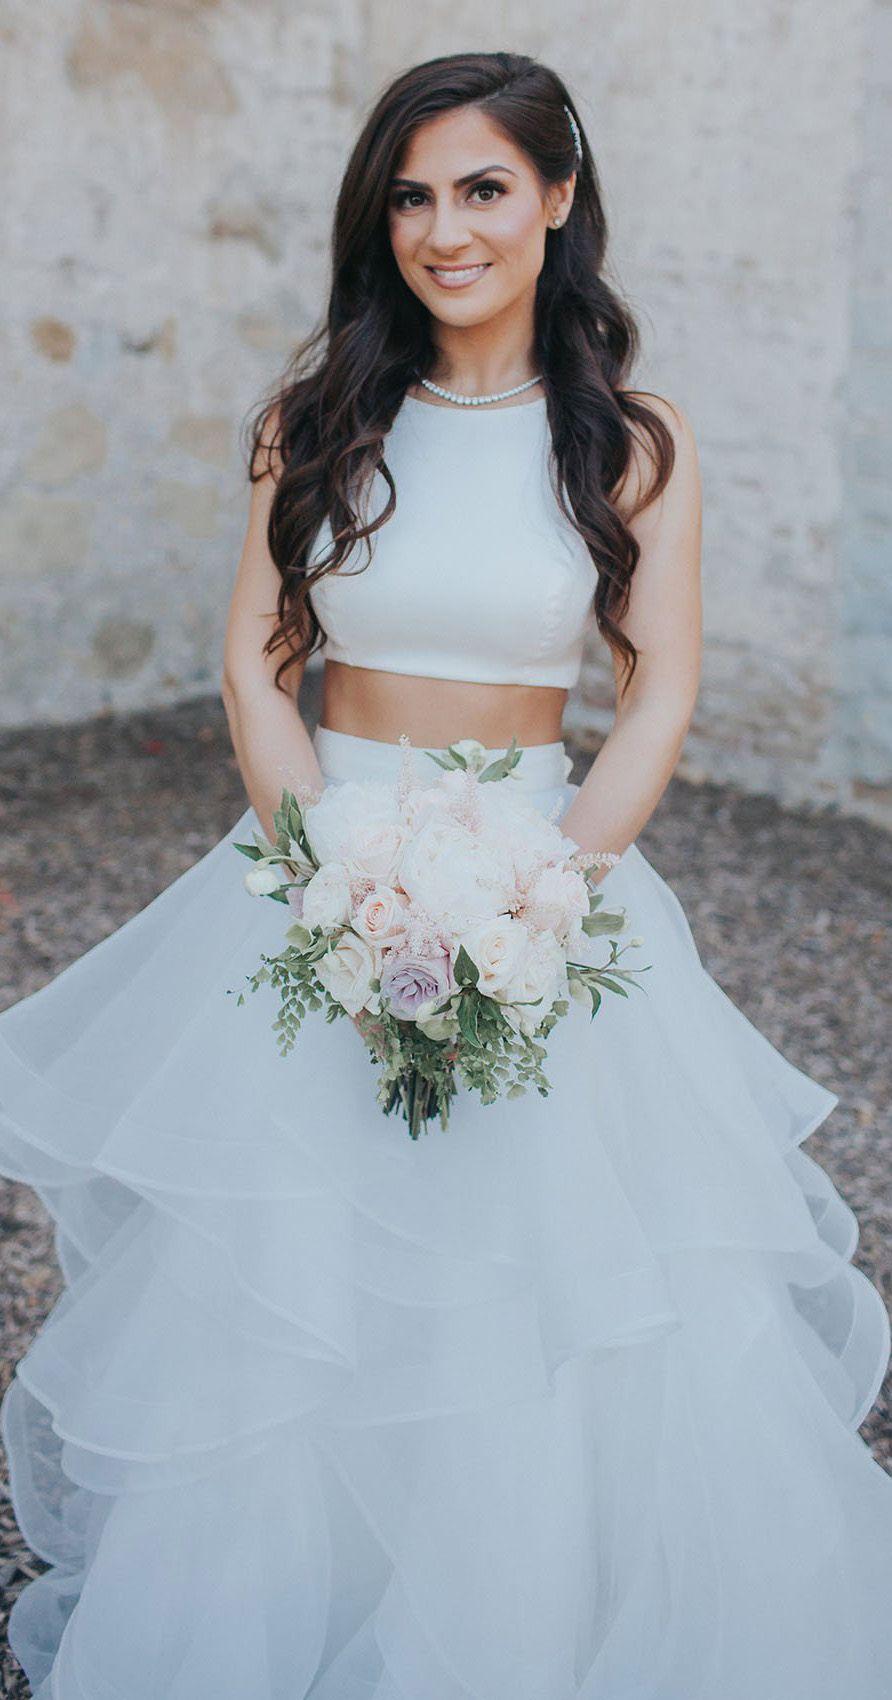 Plus size white wedding dress  Two Piece White Wedding Dresses Ruffle Skirt Ball Gown Wedding Dress